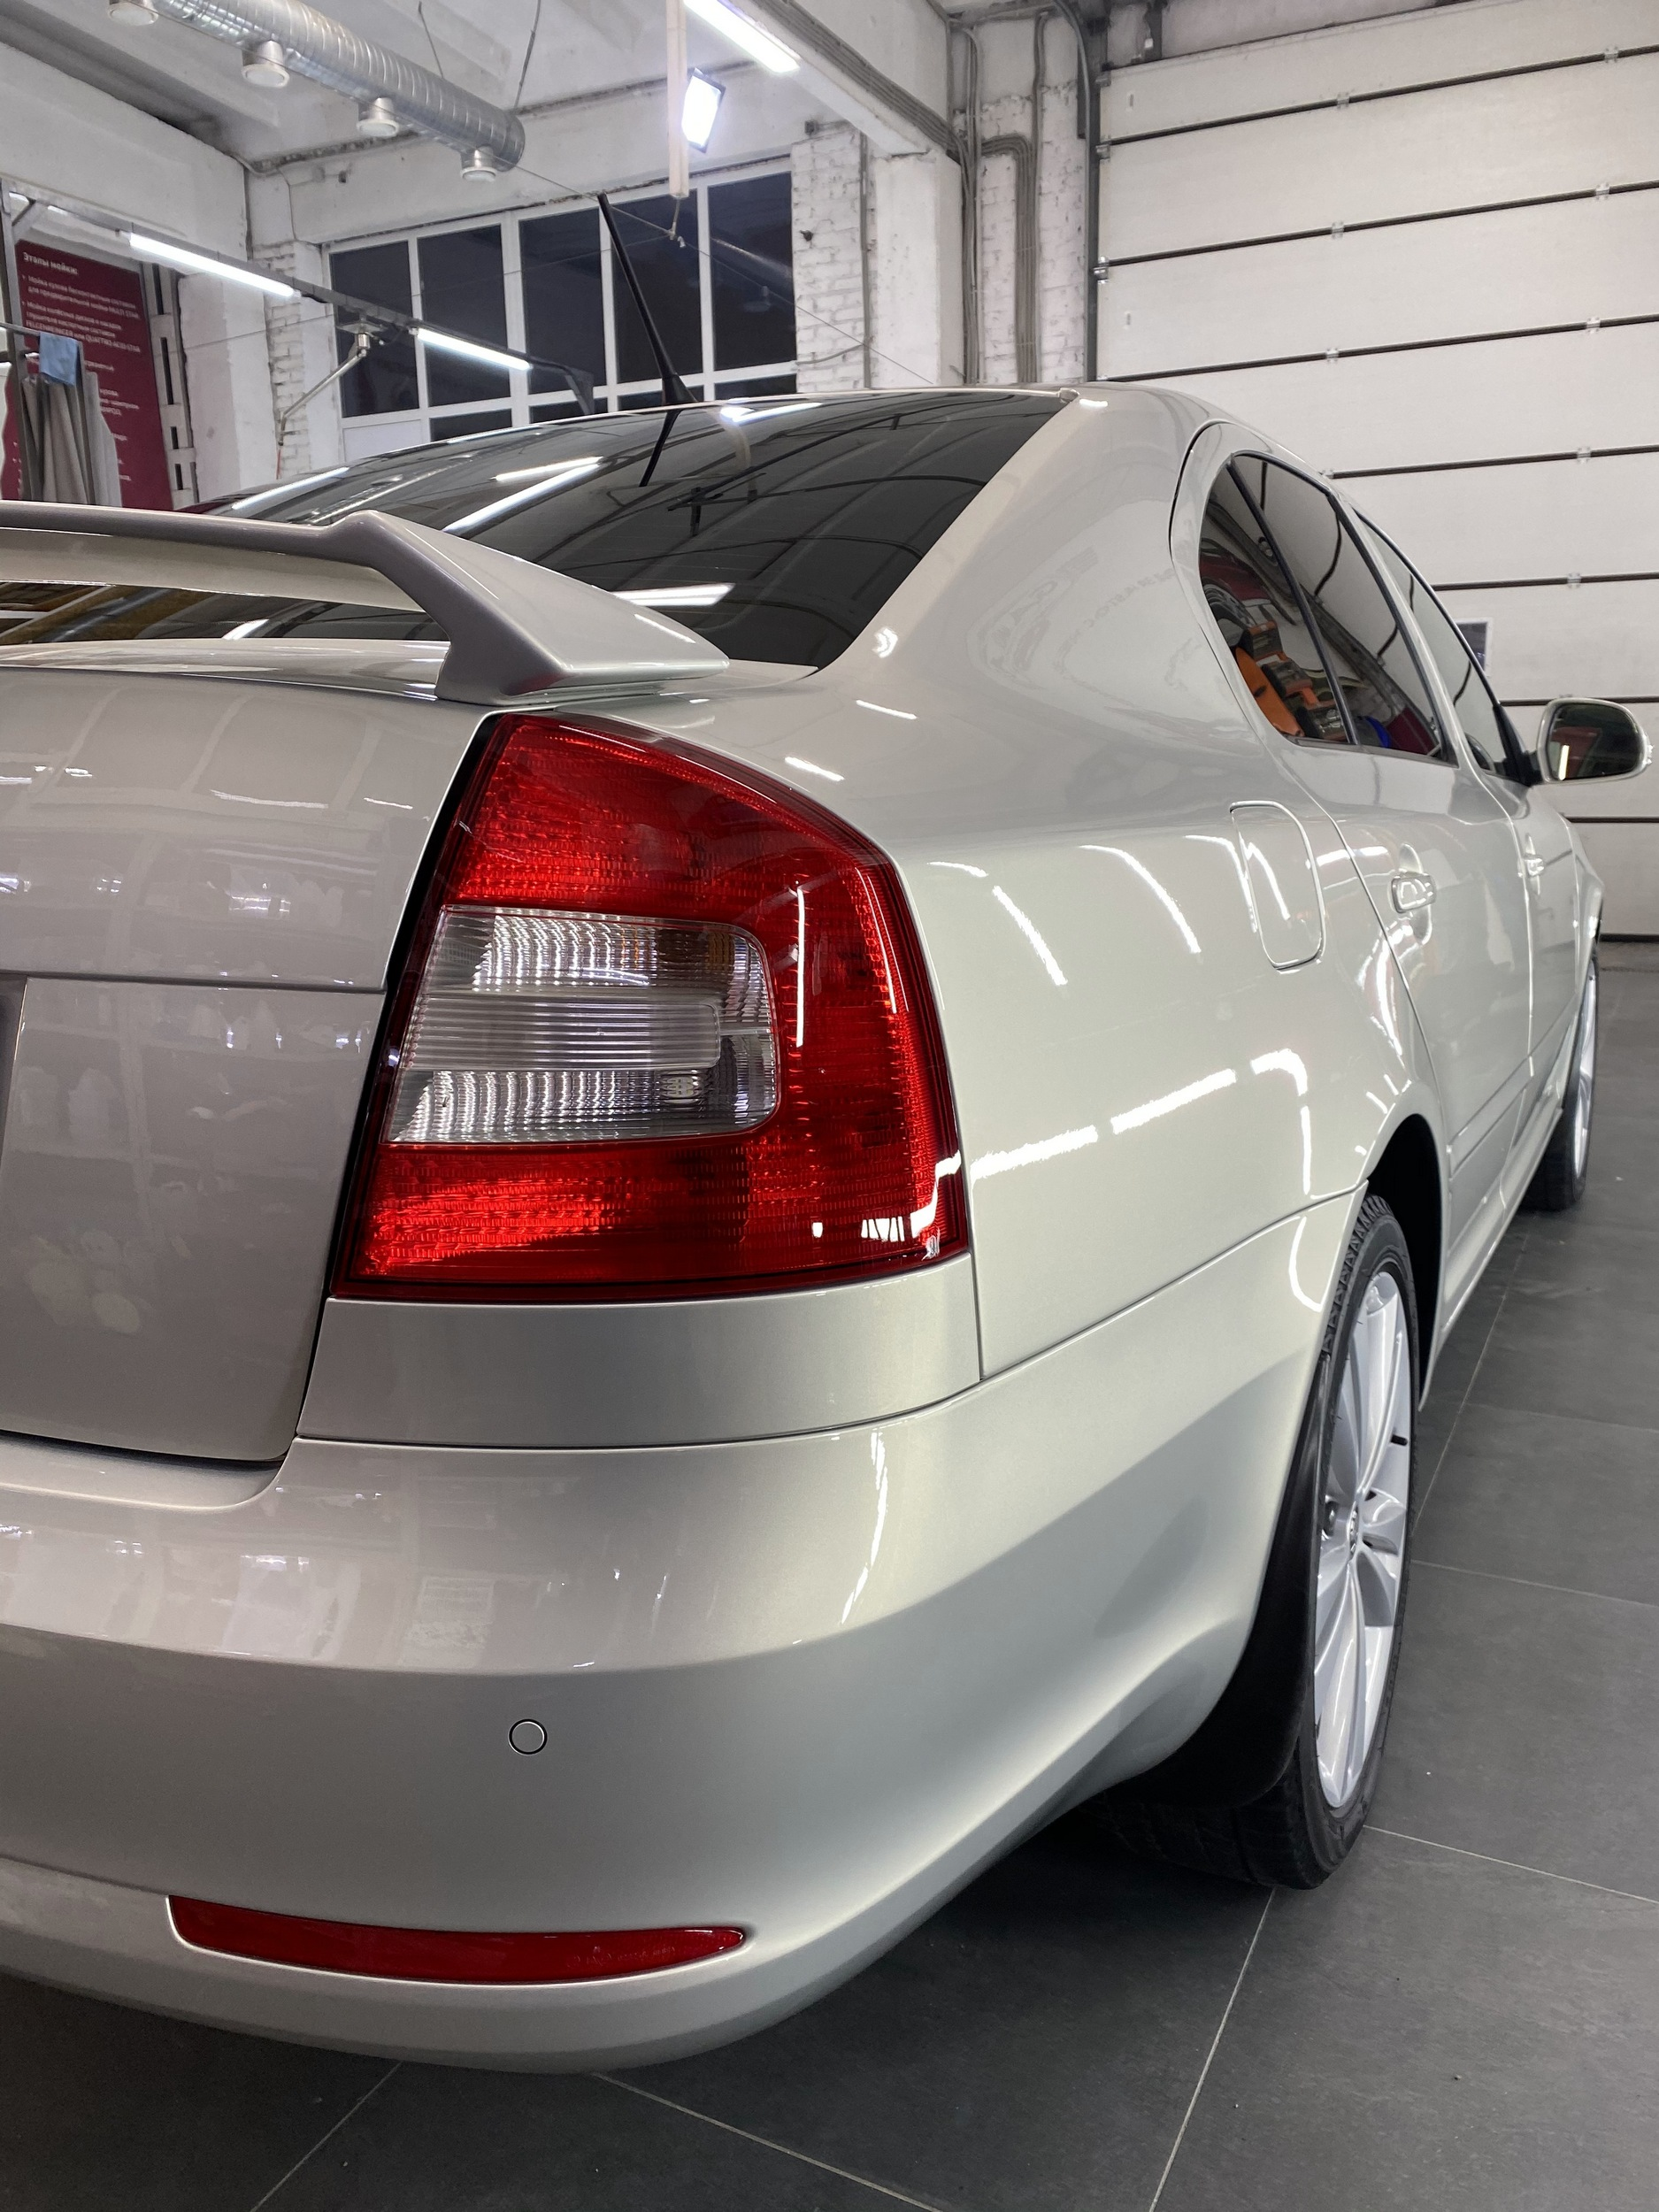 Смотреть на фото задние фонари у автомобиля Шкода Октавиа после бронирования антигравийной пленкой.